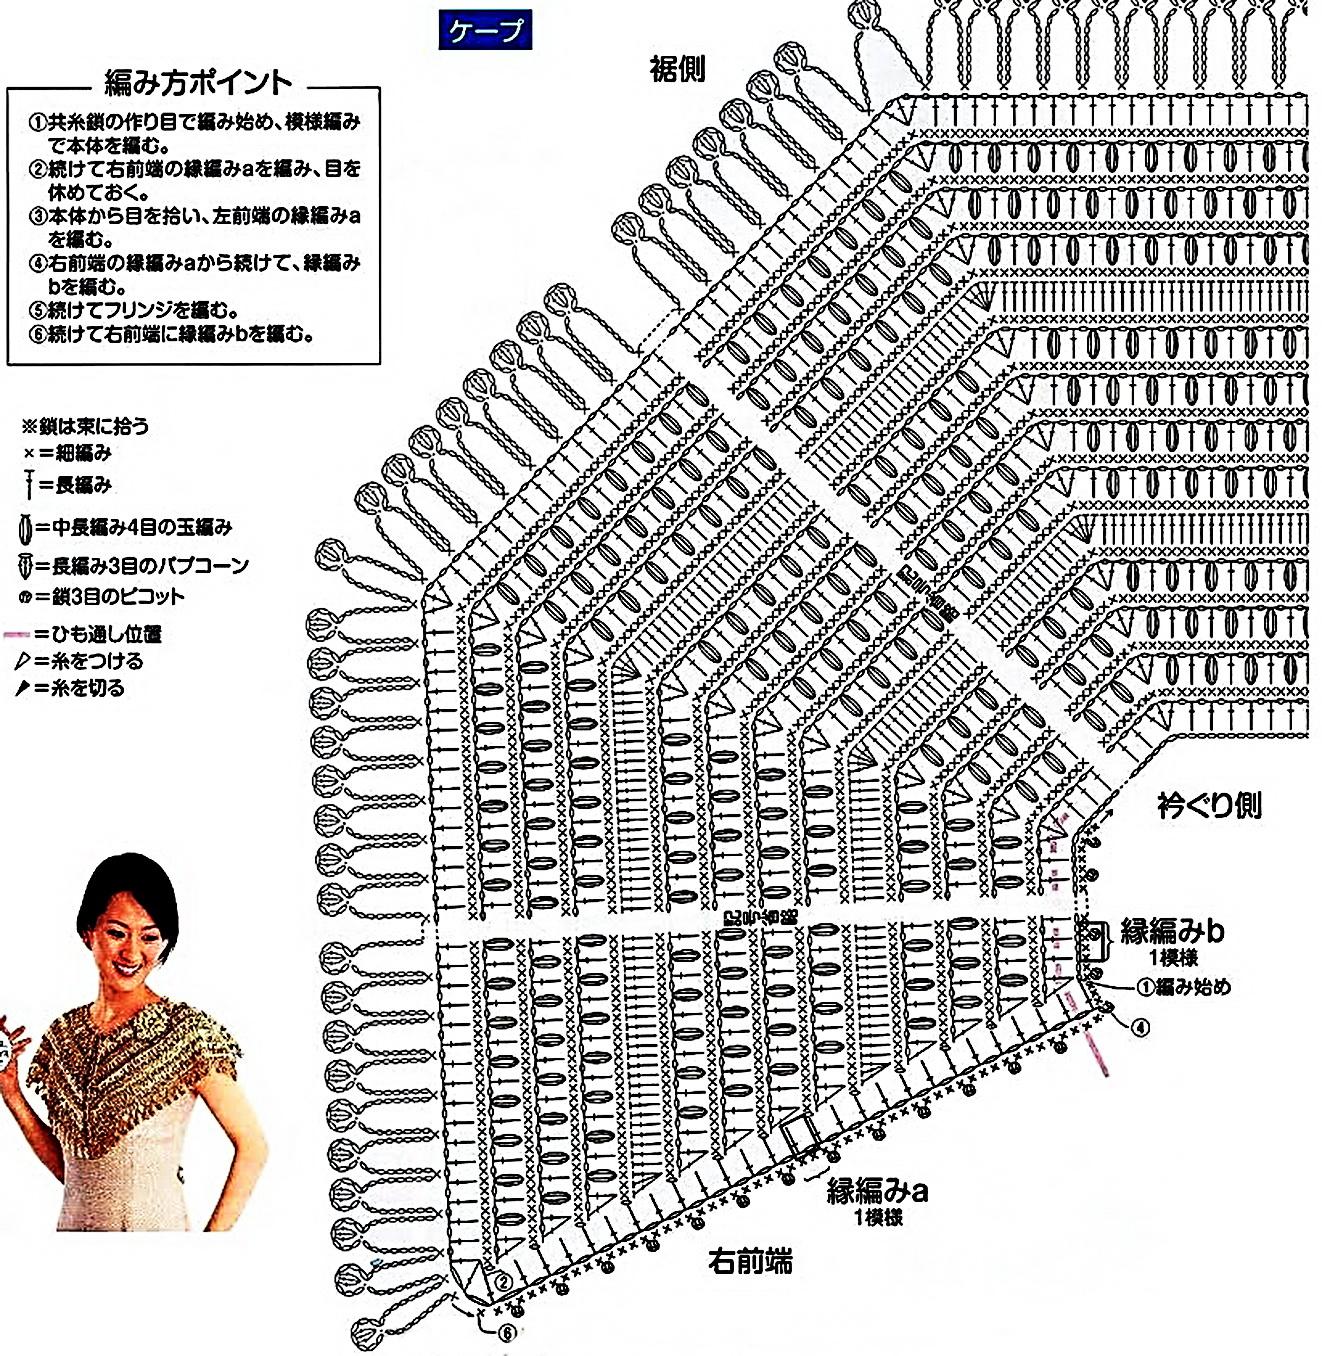 дайте пожалуйста схему вязания японского бактуса